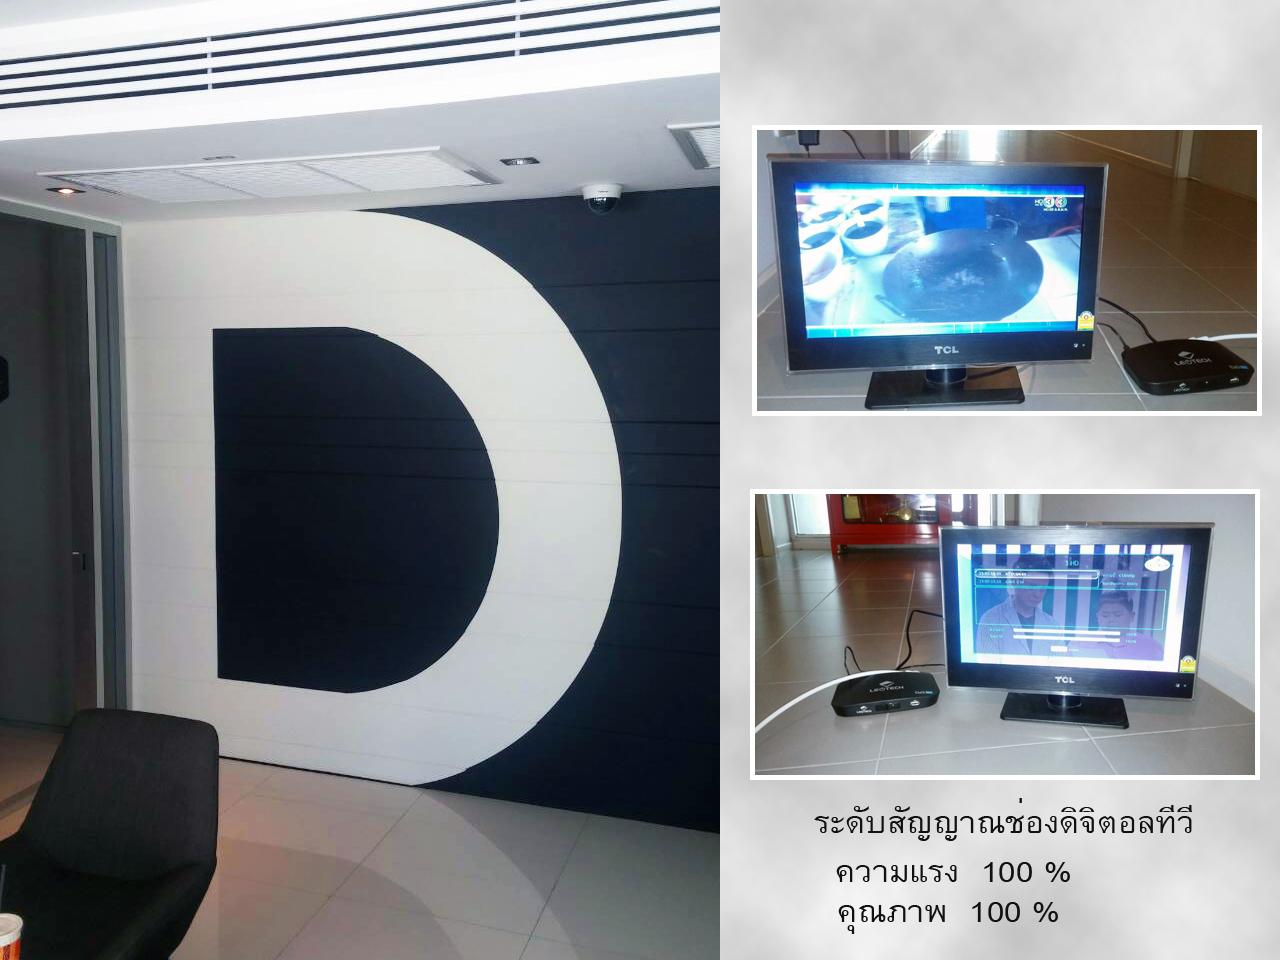 ทดสัญญาณดิจิตอลทีวี ที่อาคาร D